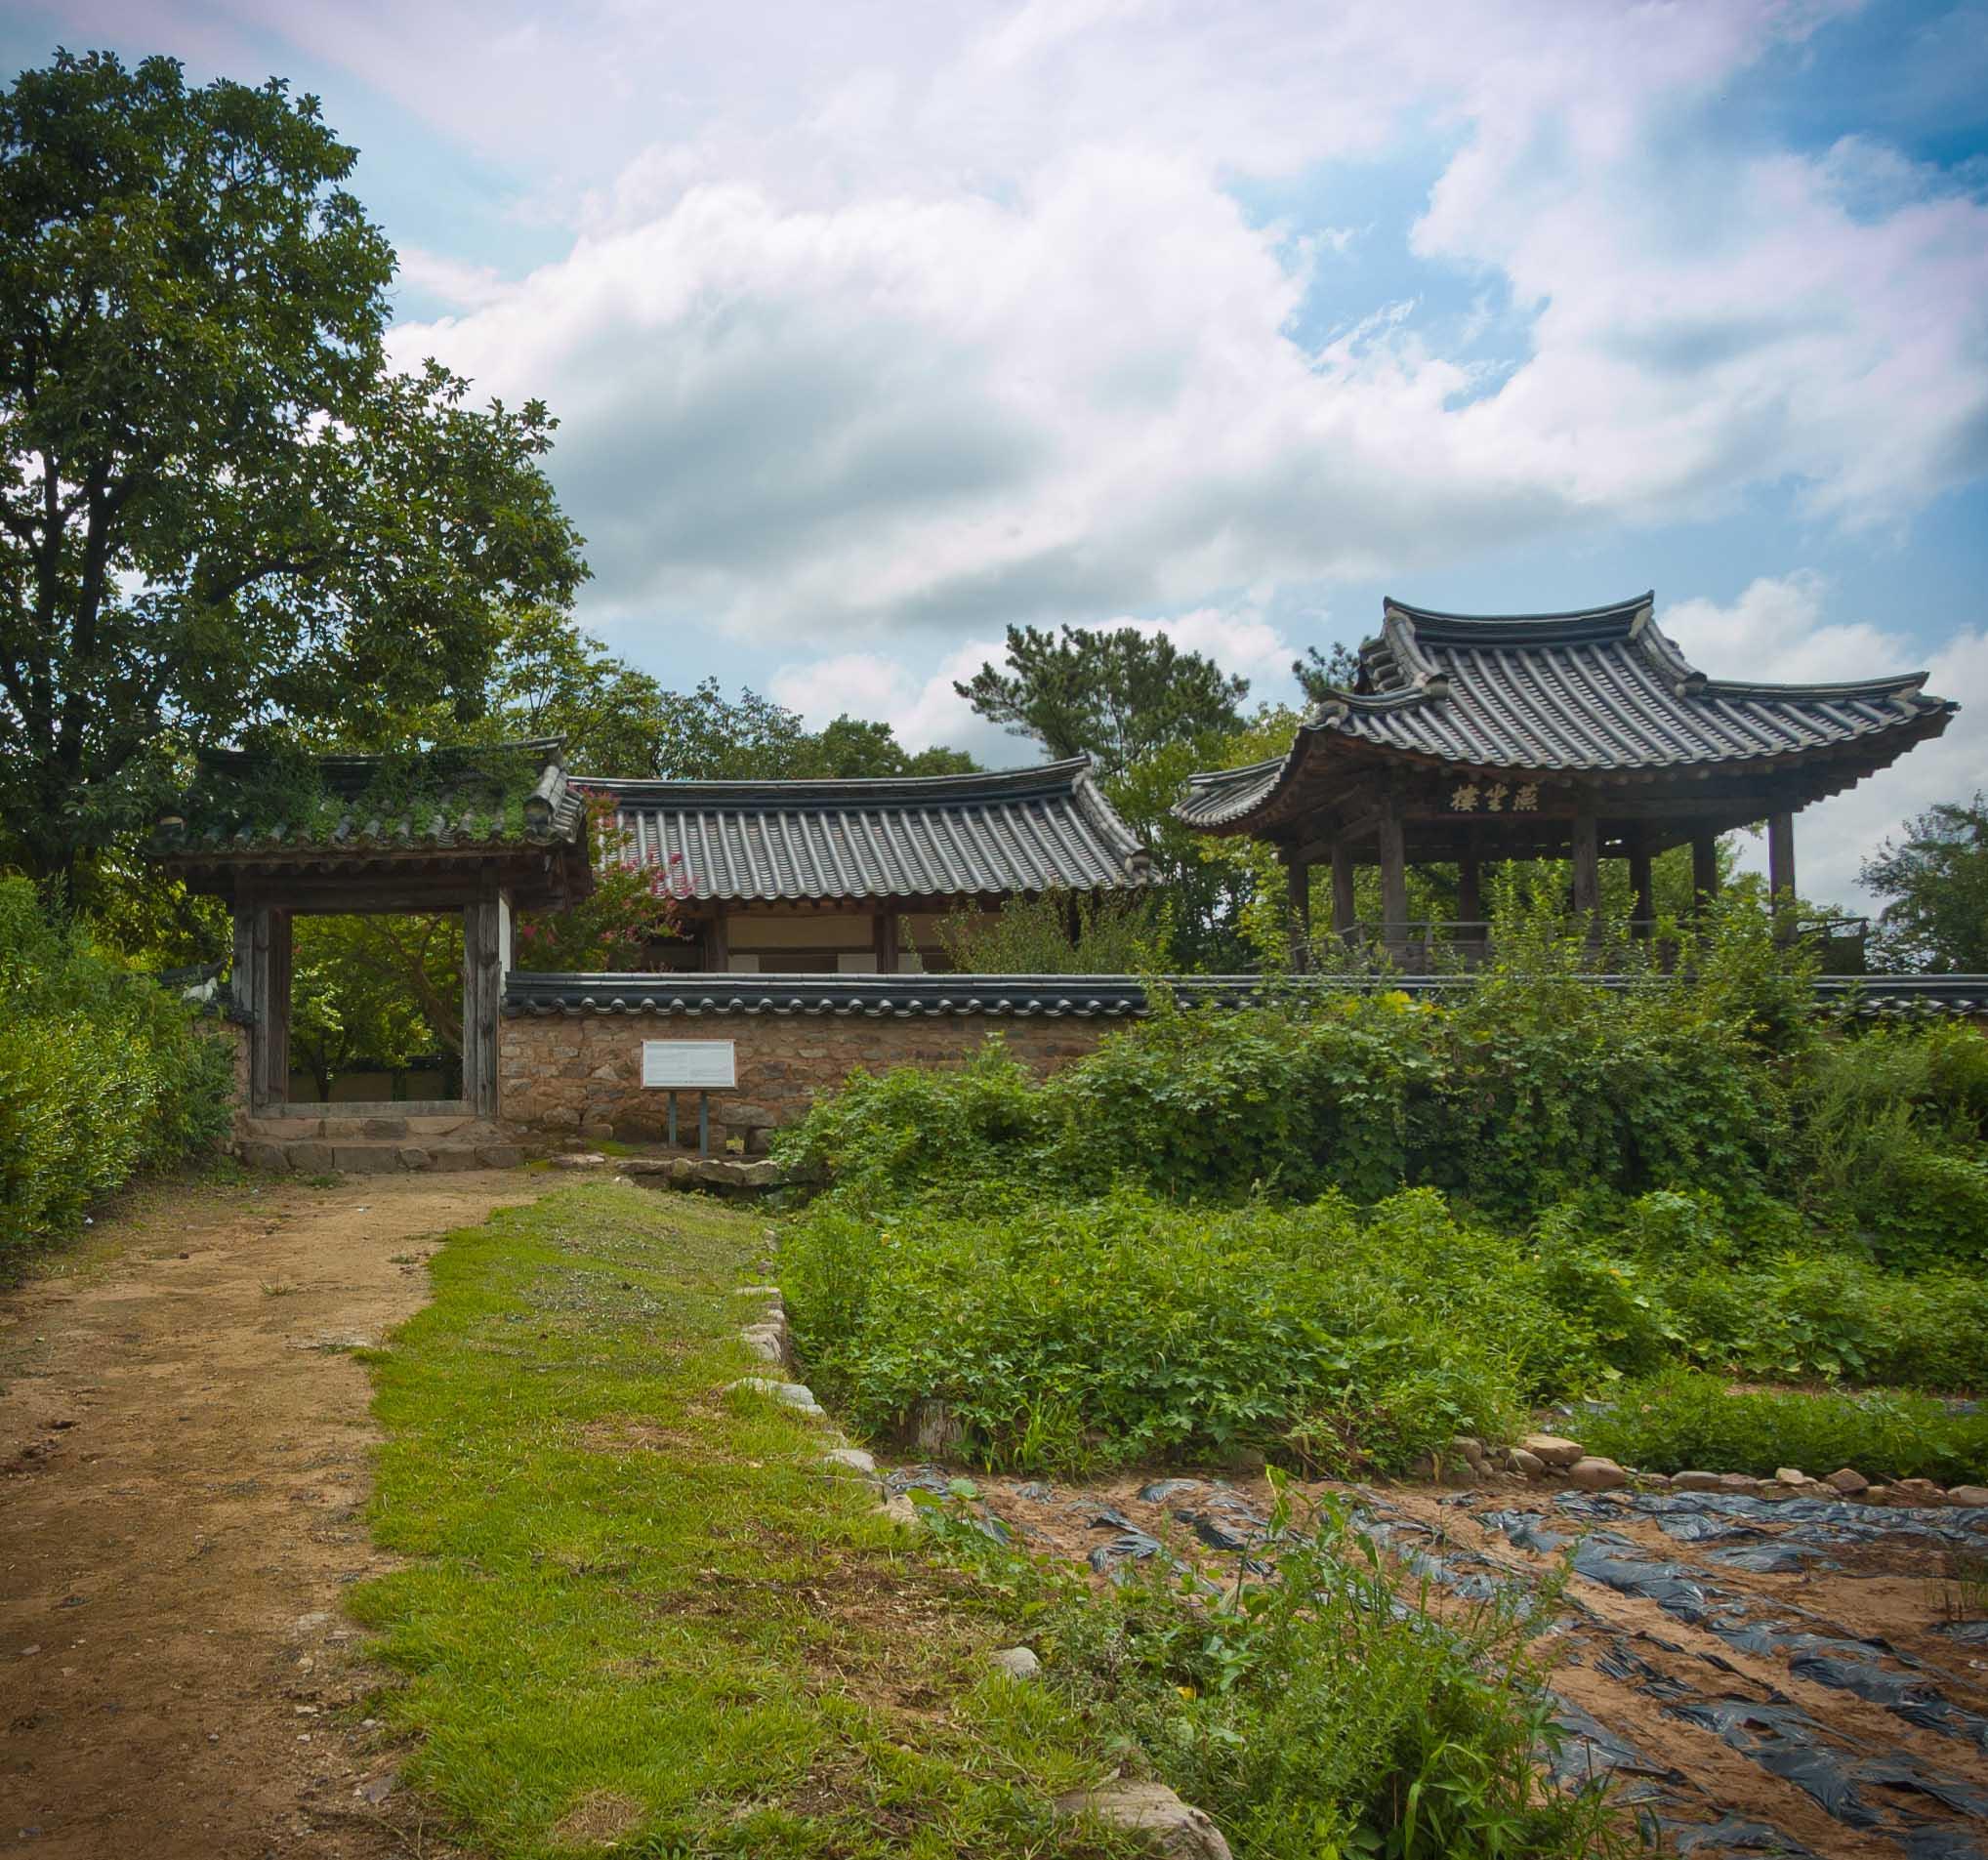 Andong, Korea, Hahoe Village